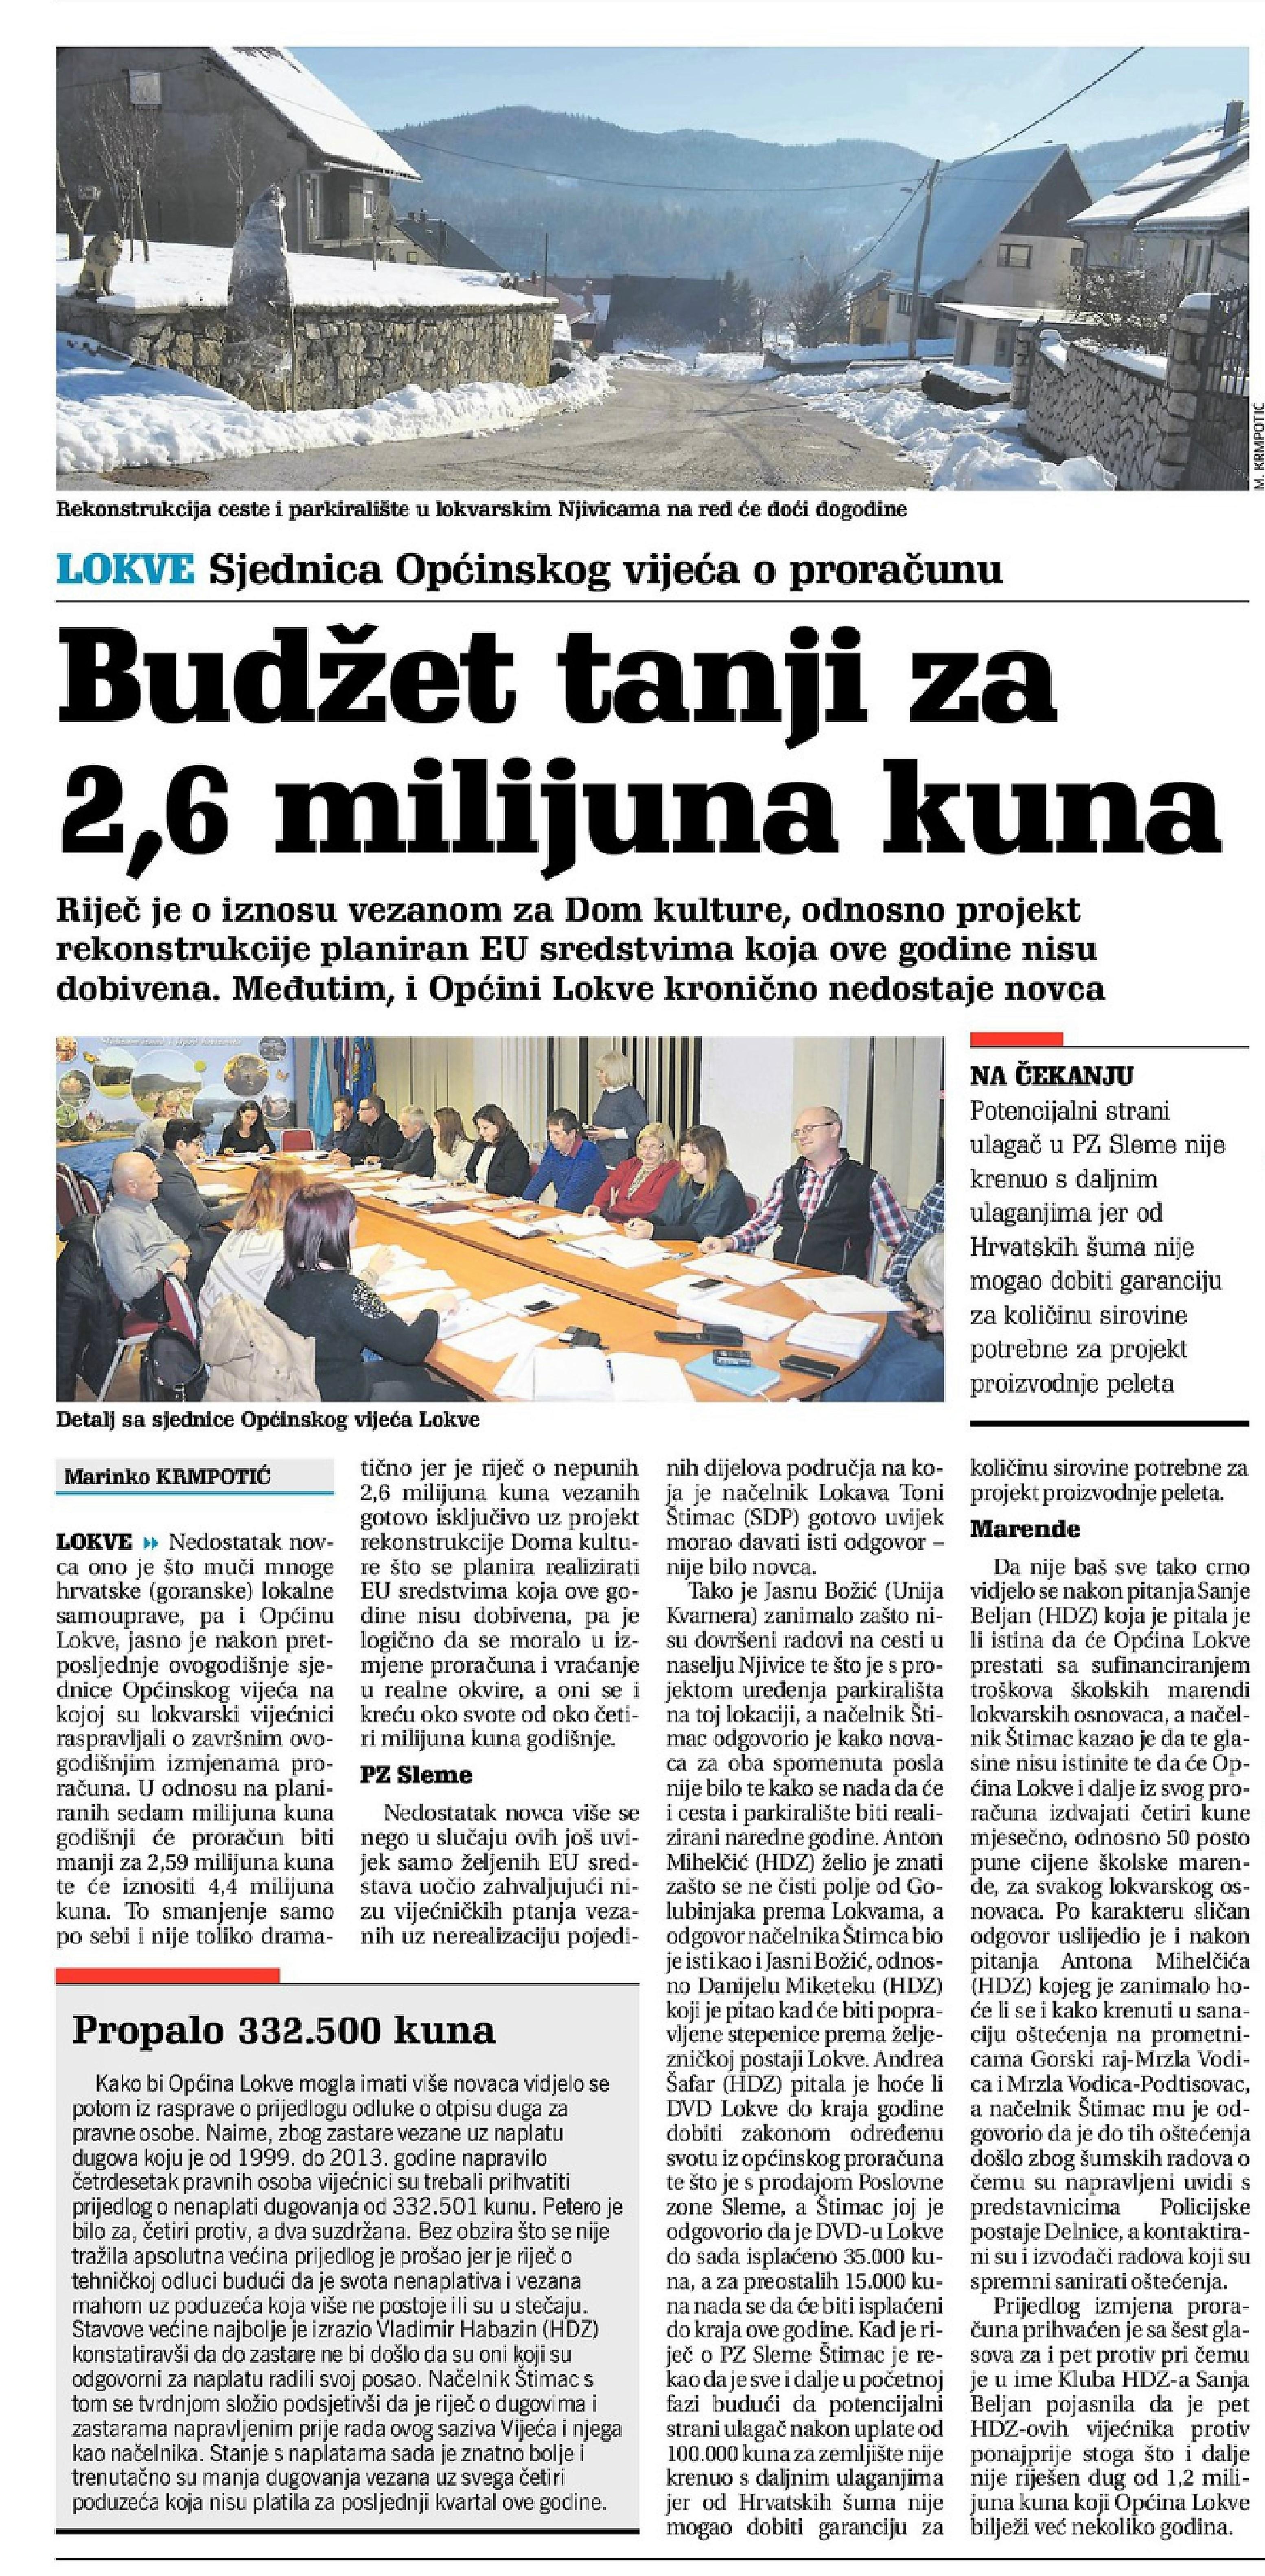 Novi list 6.12.2017